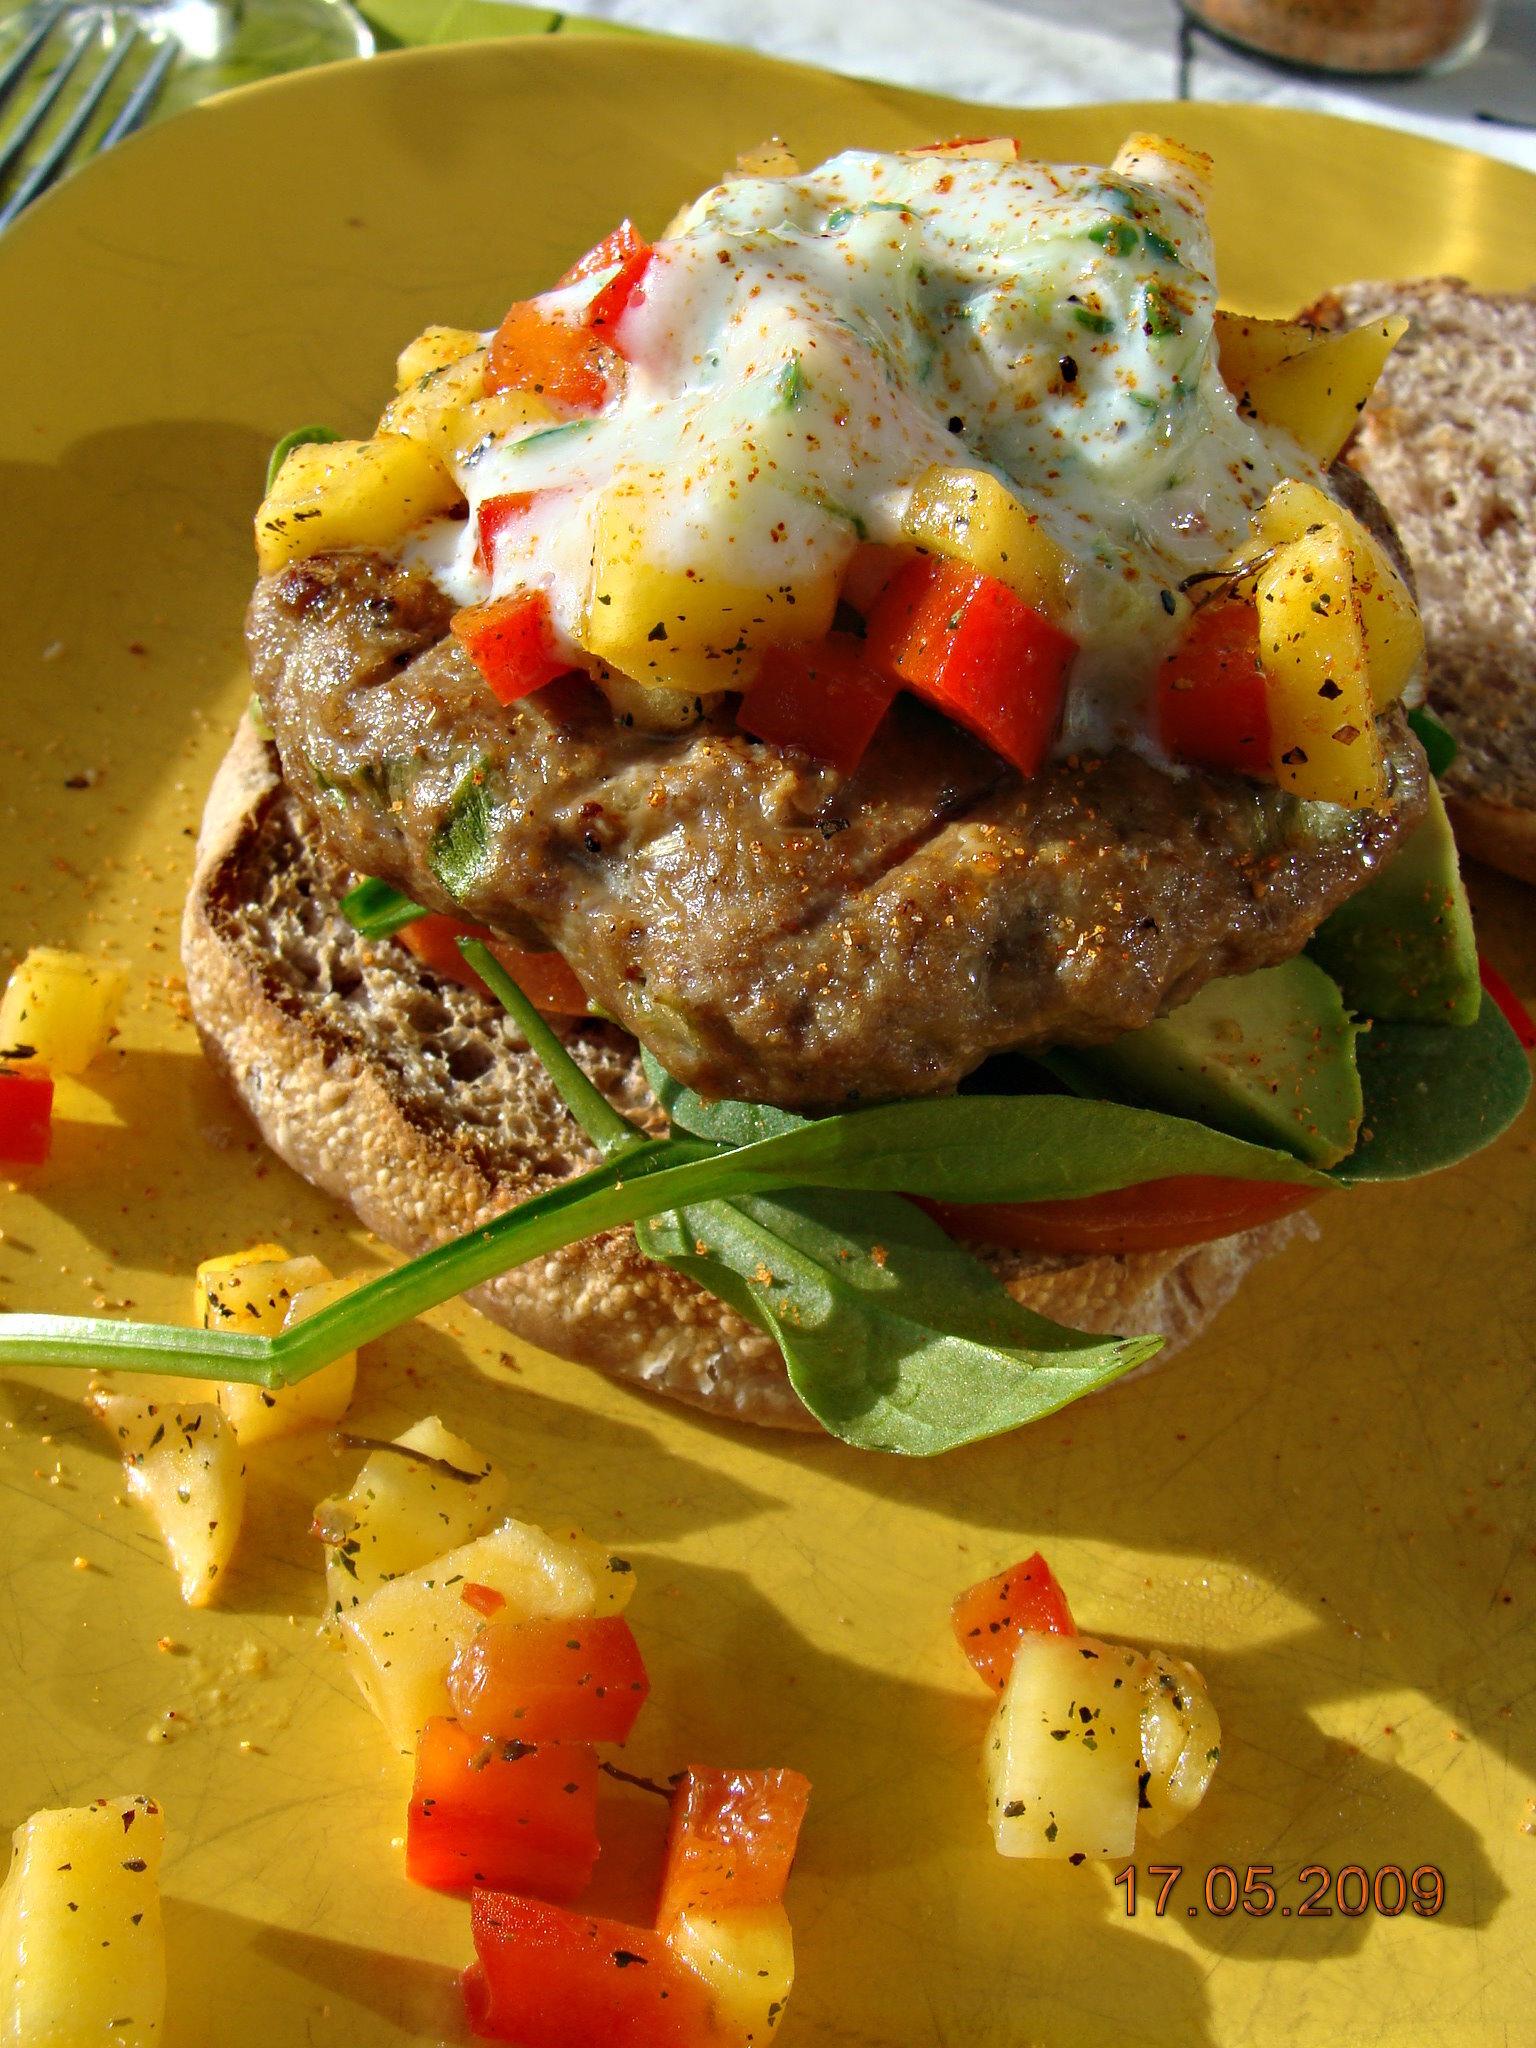 Grillad hamburgare med mangosalsa & avokado